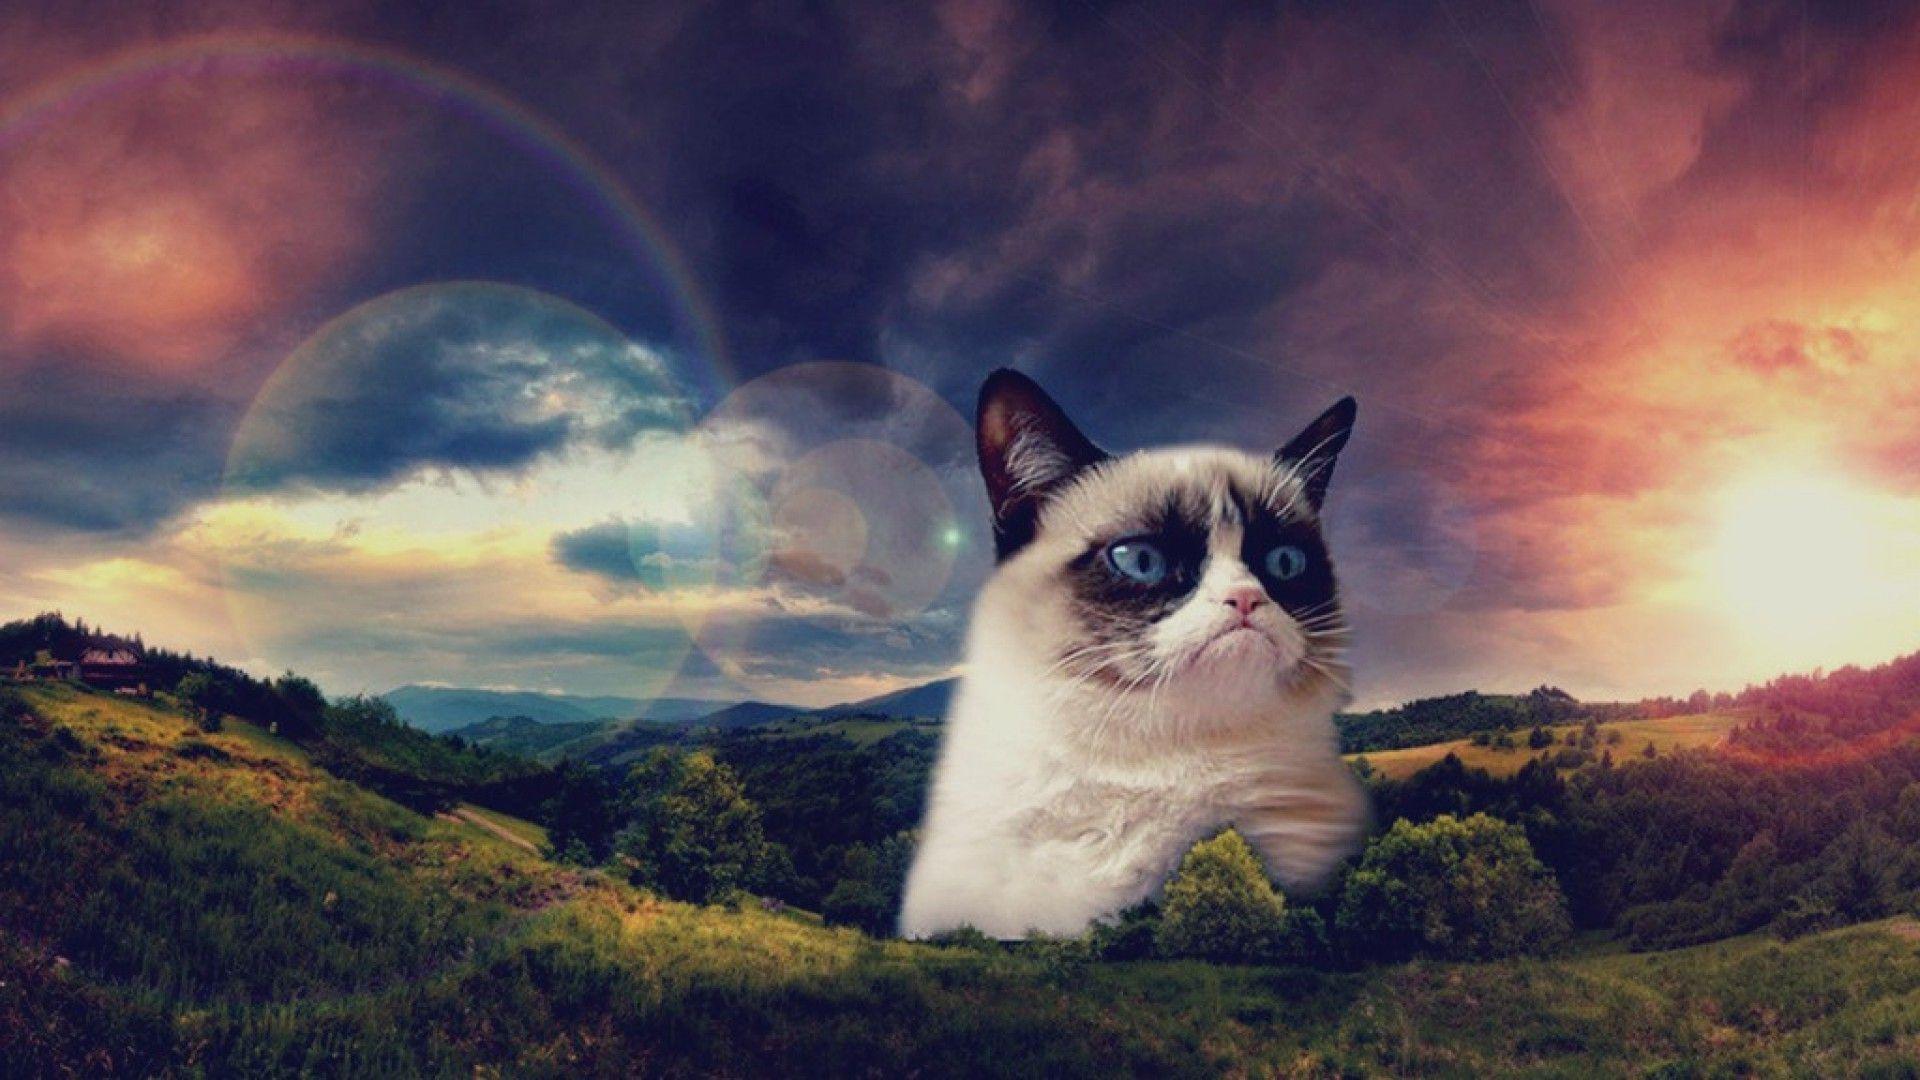 Space Cat Wallpaper High Resolution For Desktop Wallpaper